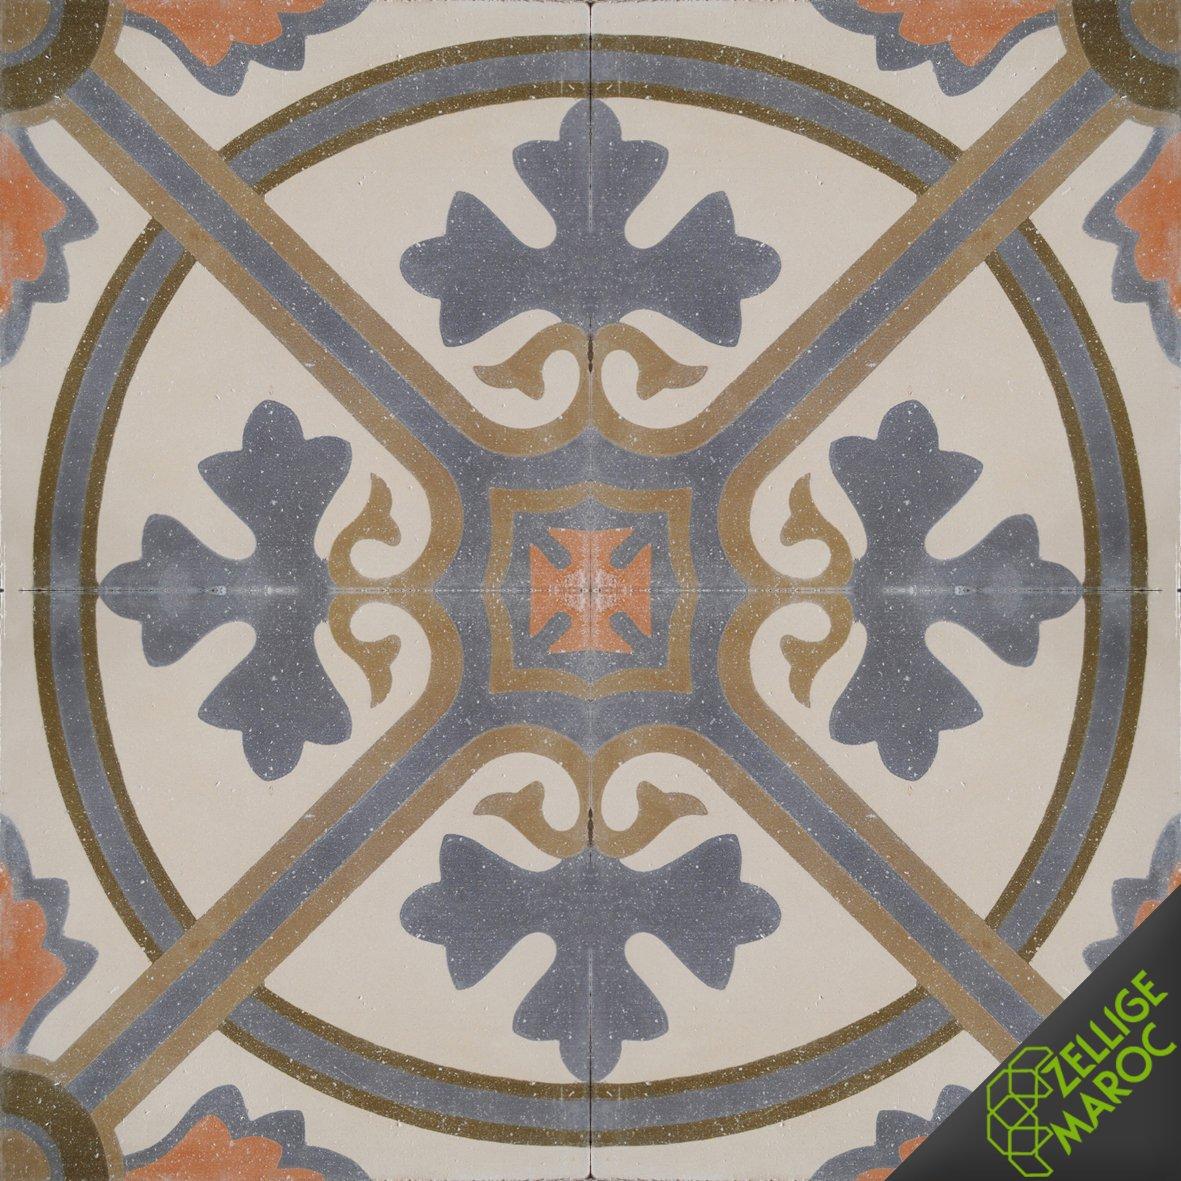 Carreaux ciment t61 zellige maroc - Carreaux ciment maroc ...